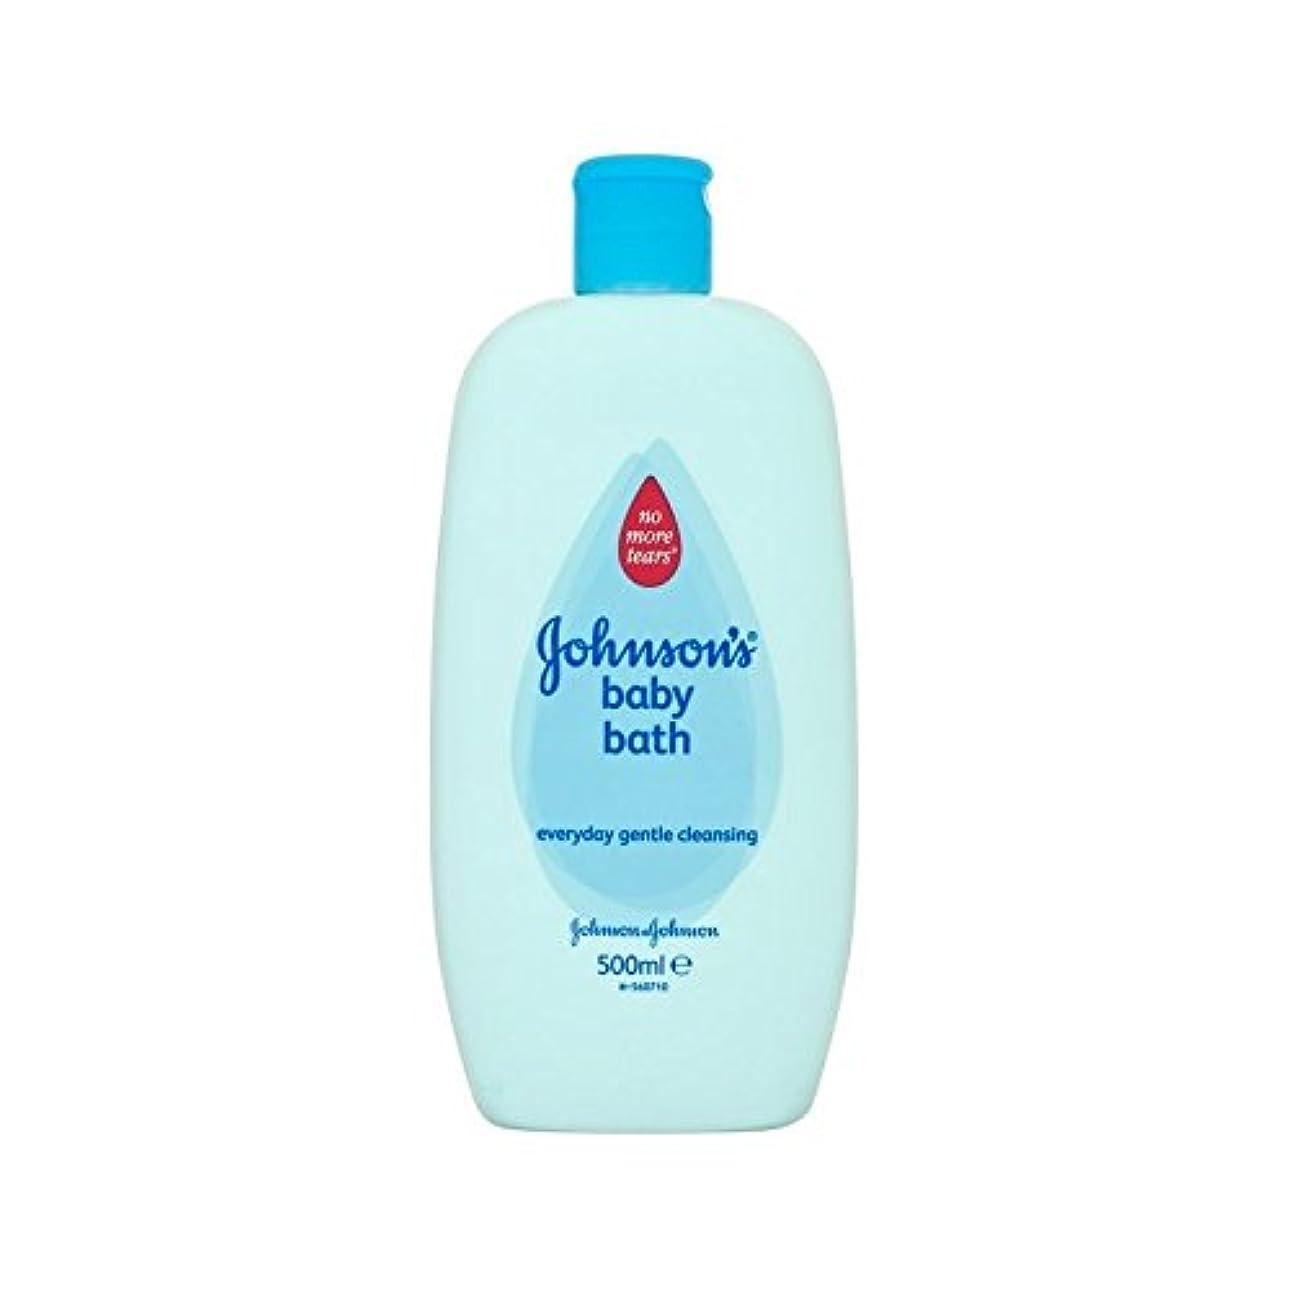 アクティビティ戻るテロリストバス500ミリリットル (Johnson's Baby) - Johnson's Baby Bath 500ml [並行輸入品]